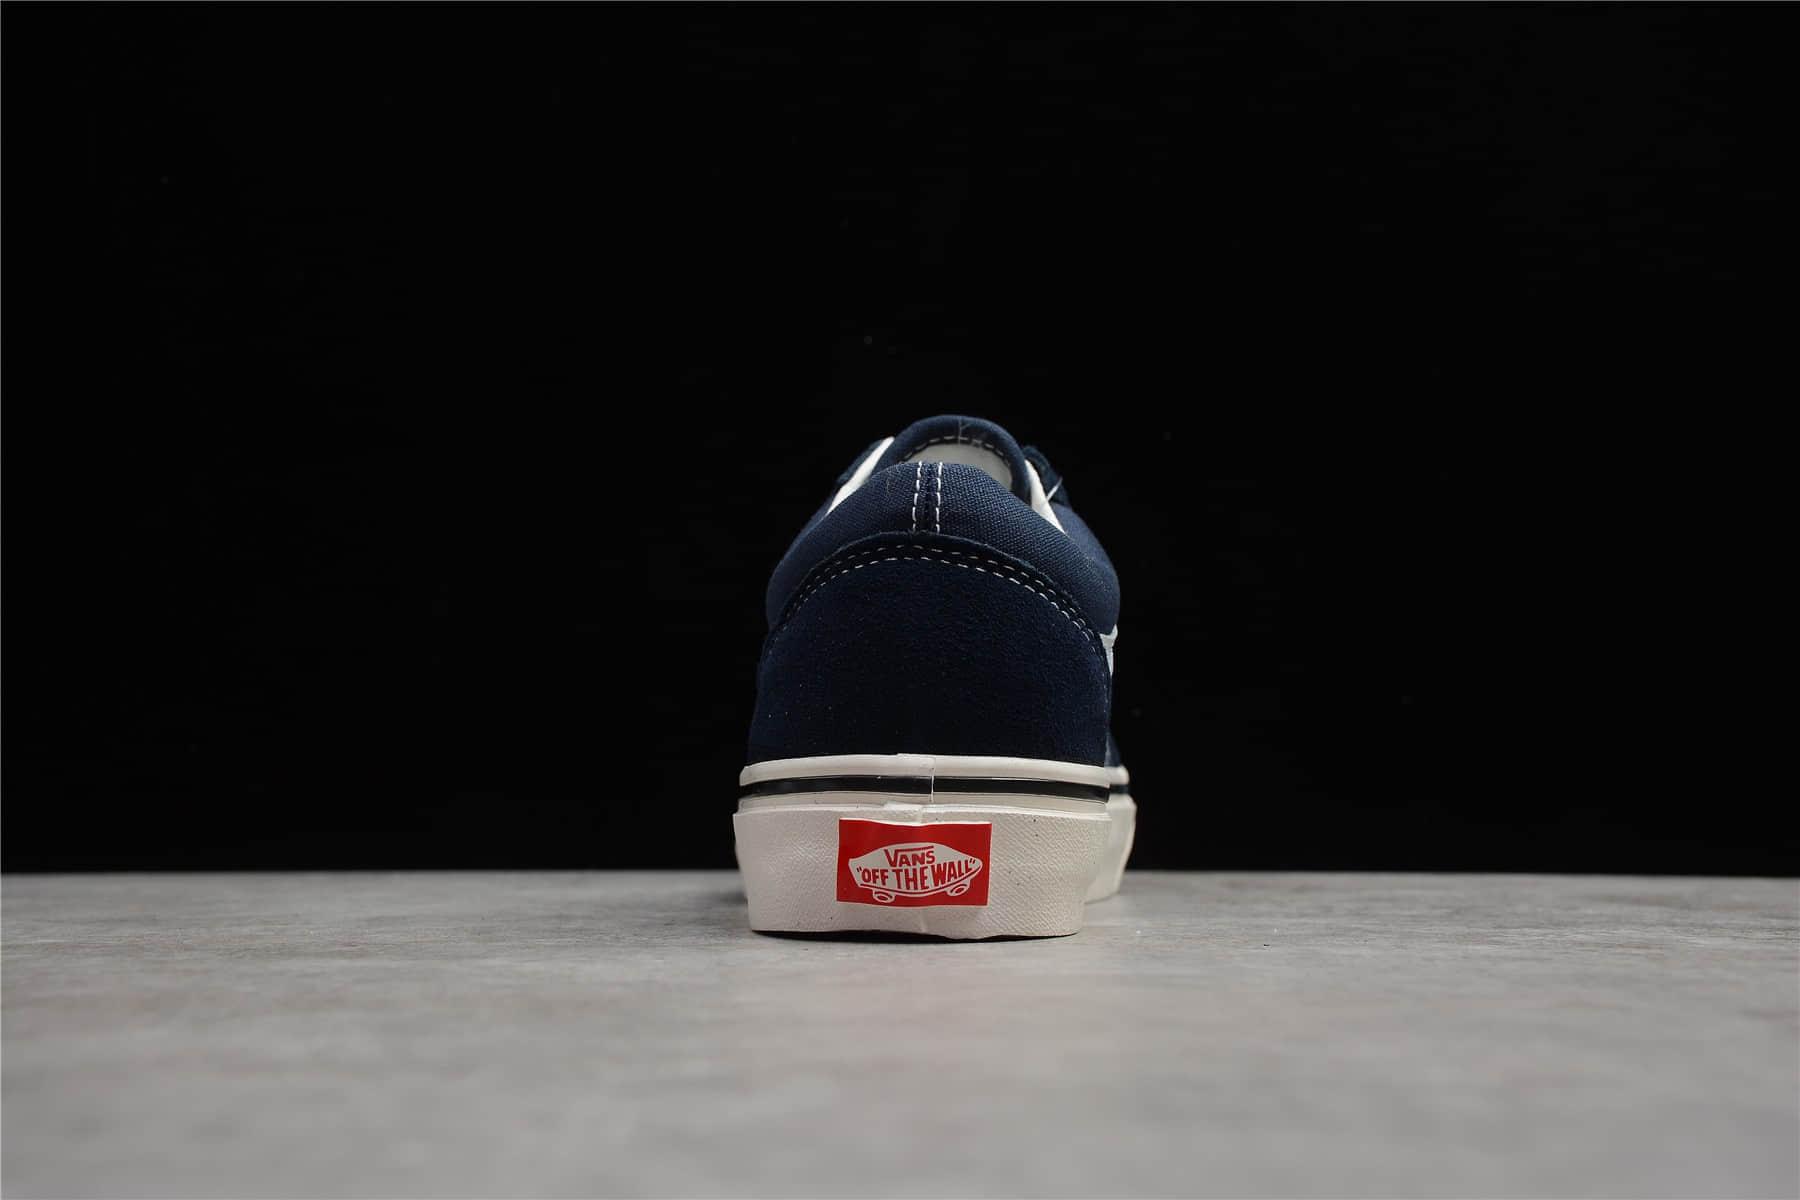 万斯蓝色低帮帆布鞋 VANS Old Skool Dx 莆田真标硫化万斯真标夜蓝色 万斯滑板鞋 货号:VN0A38G19XF2PXC-潮流者之家